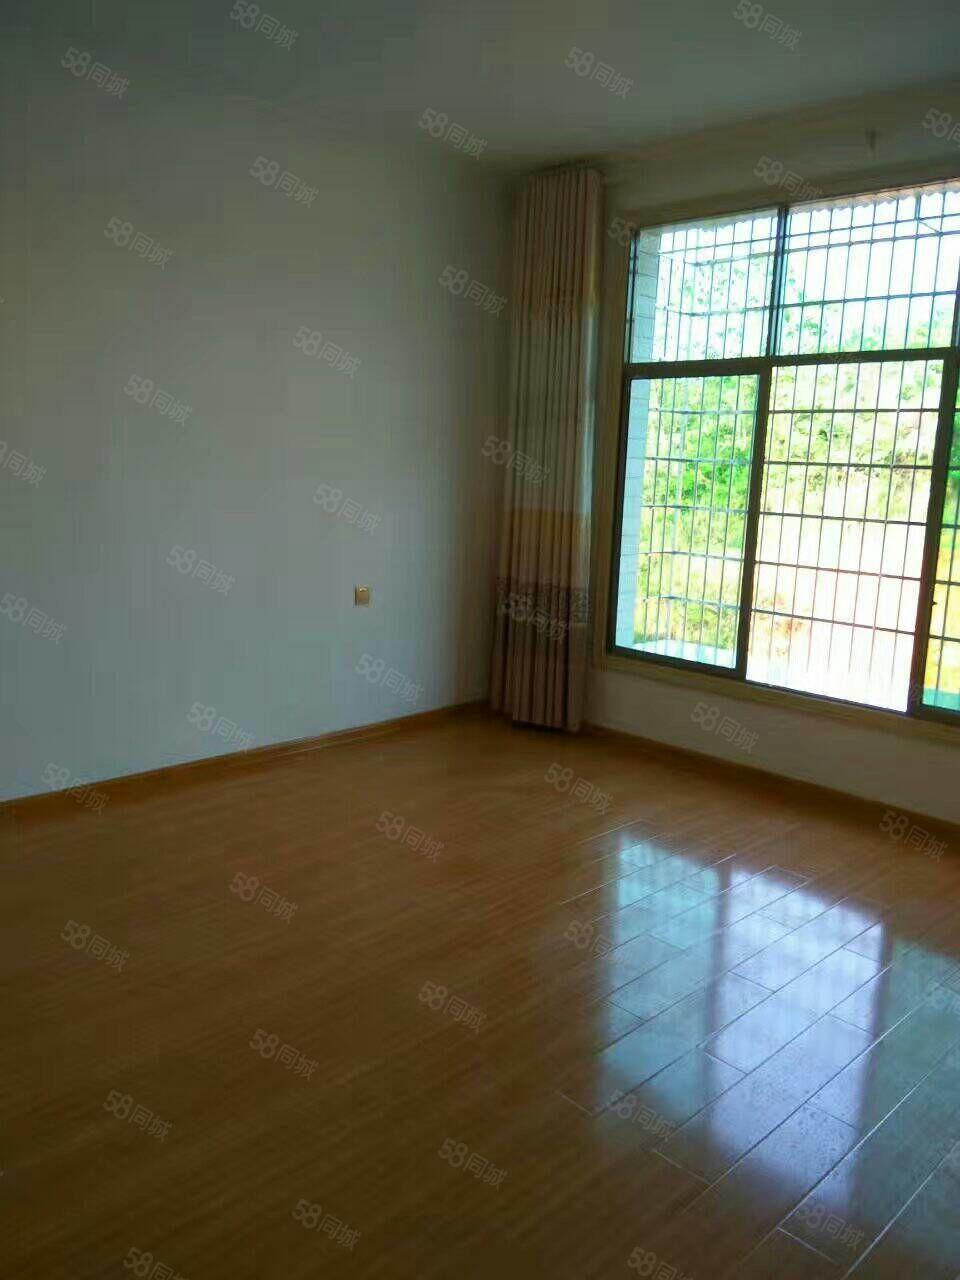 潇湘路,130平方三室二厅二卫,有煤房另计价2万元。